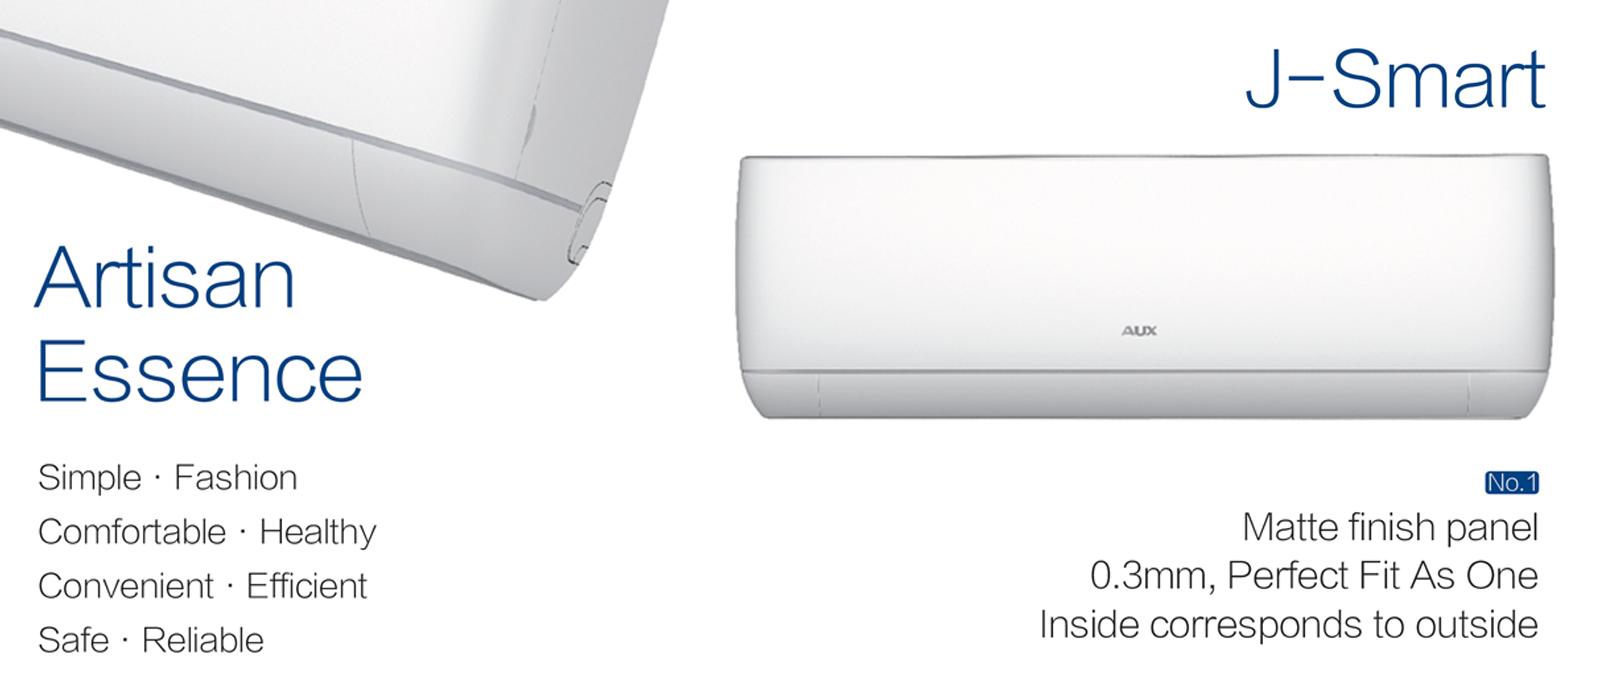 24000 btu ac (inverter) Inverter ac, Air conditioner